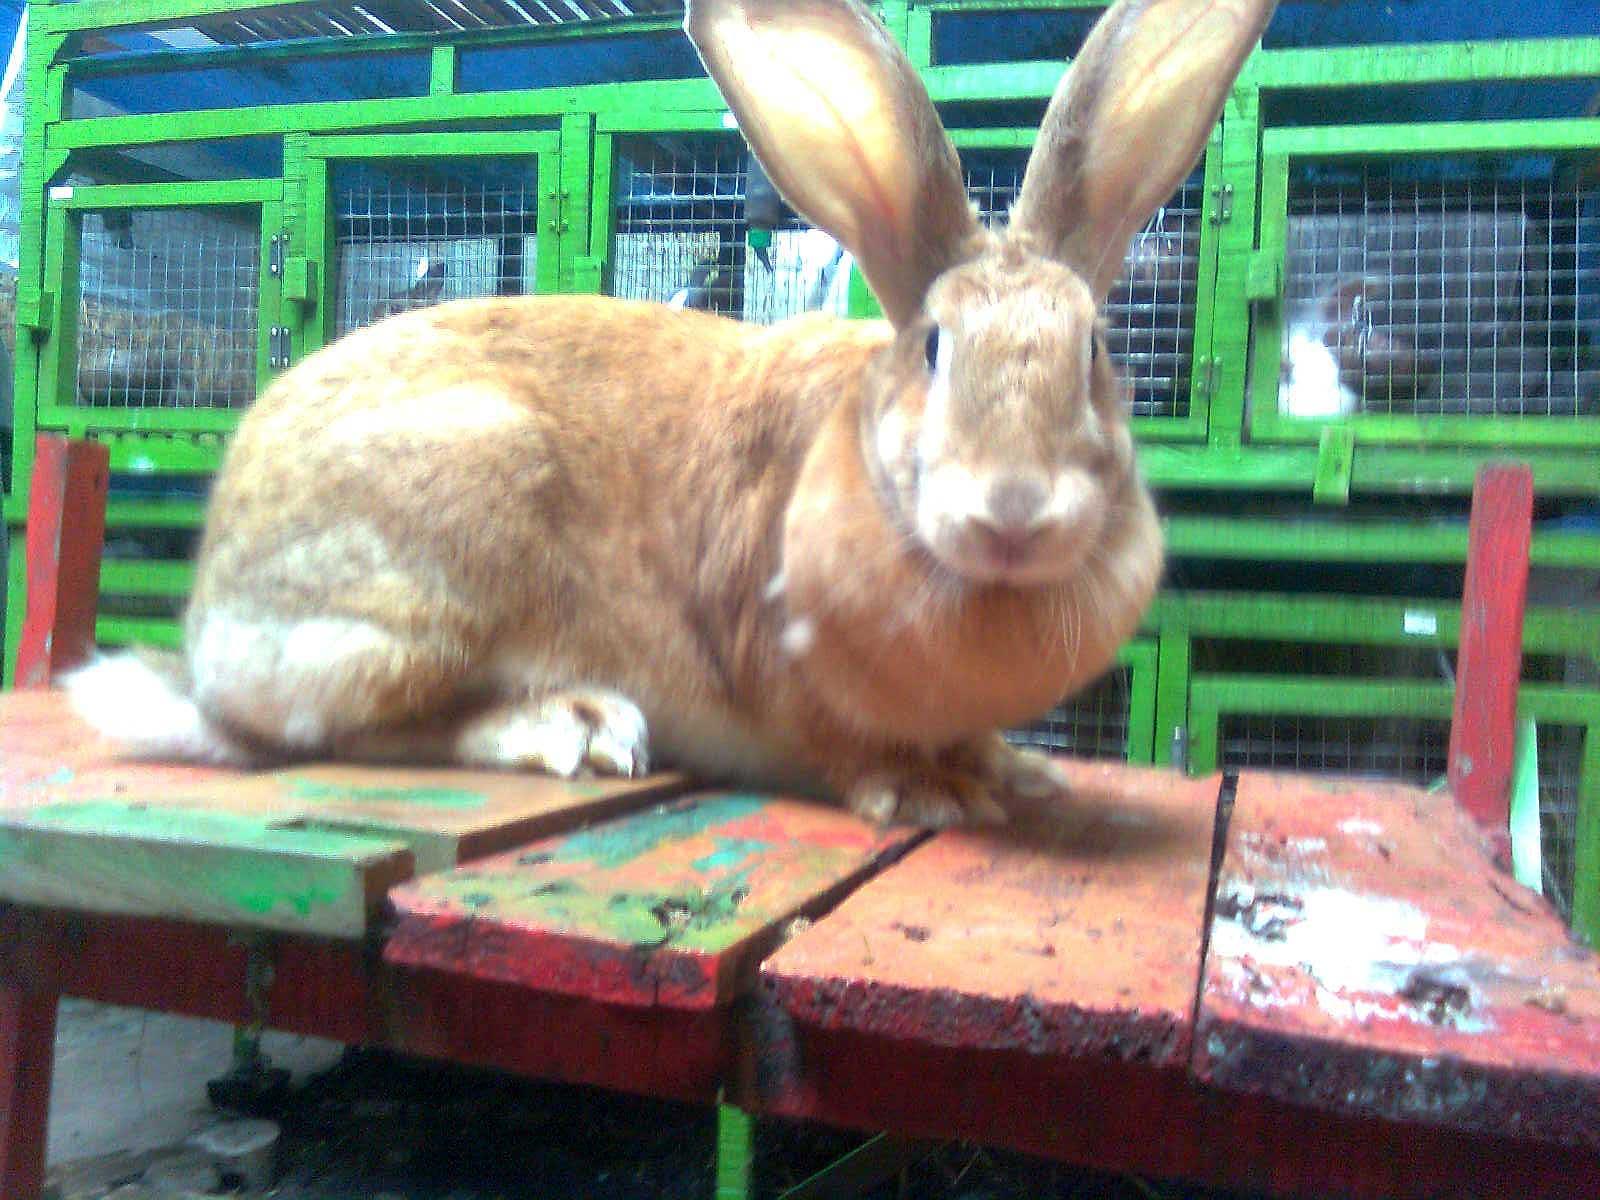 flemish giant rabbit and dog - photo #28